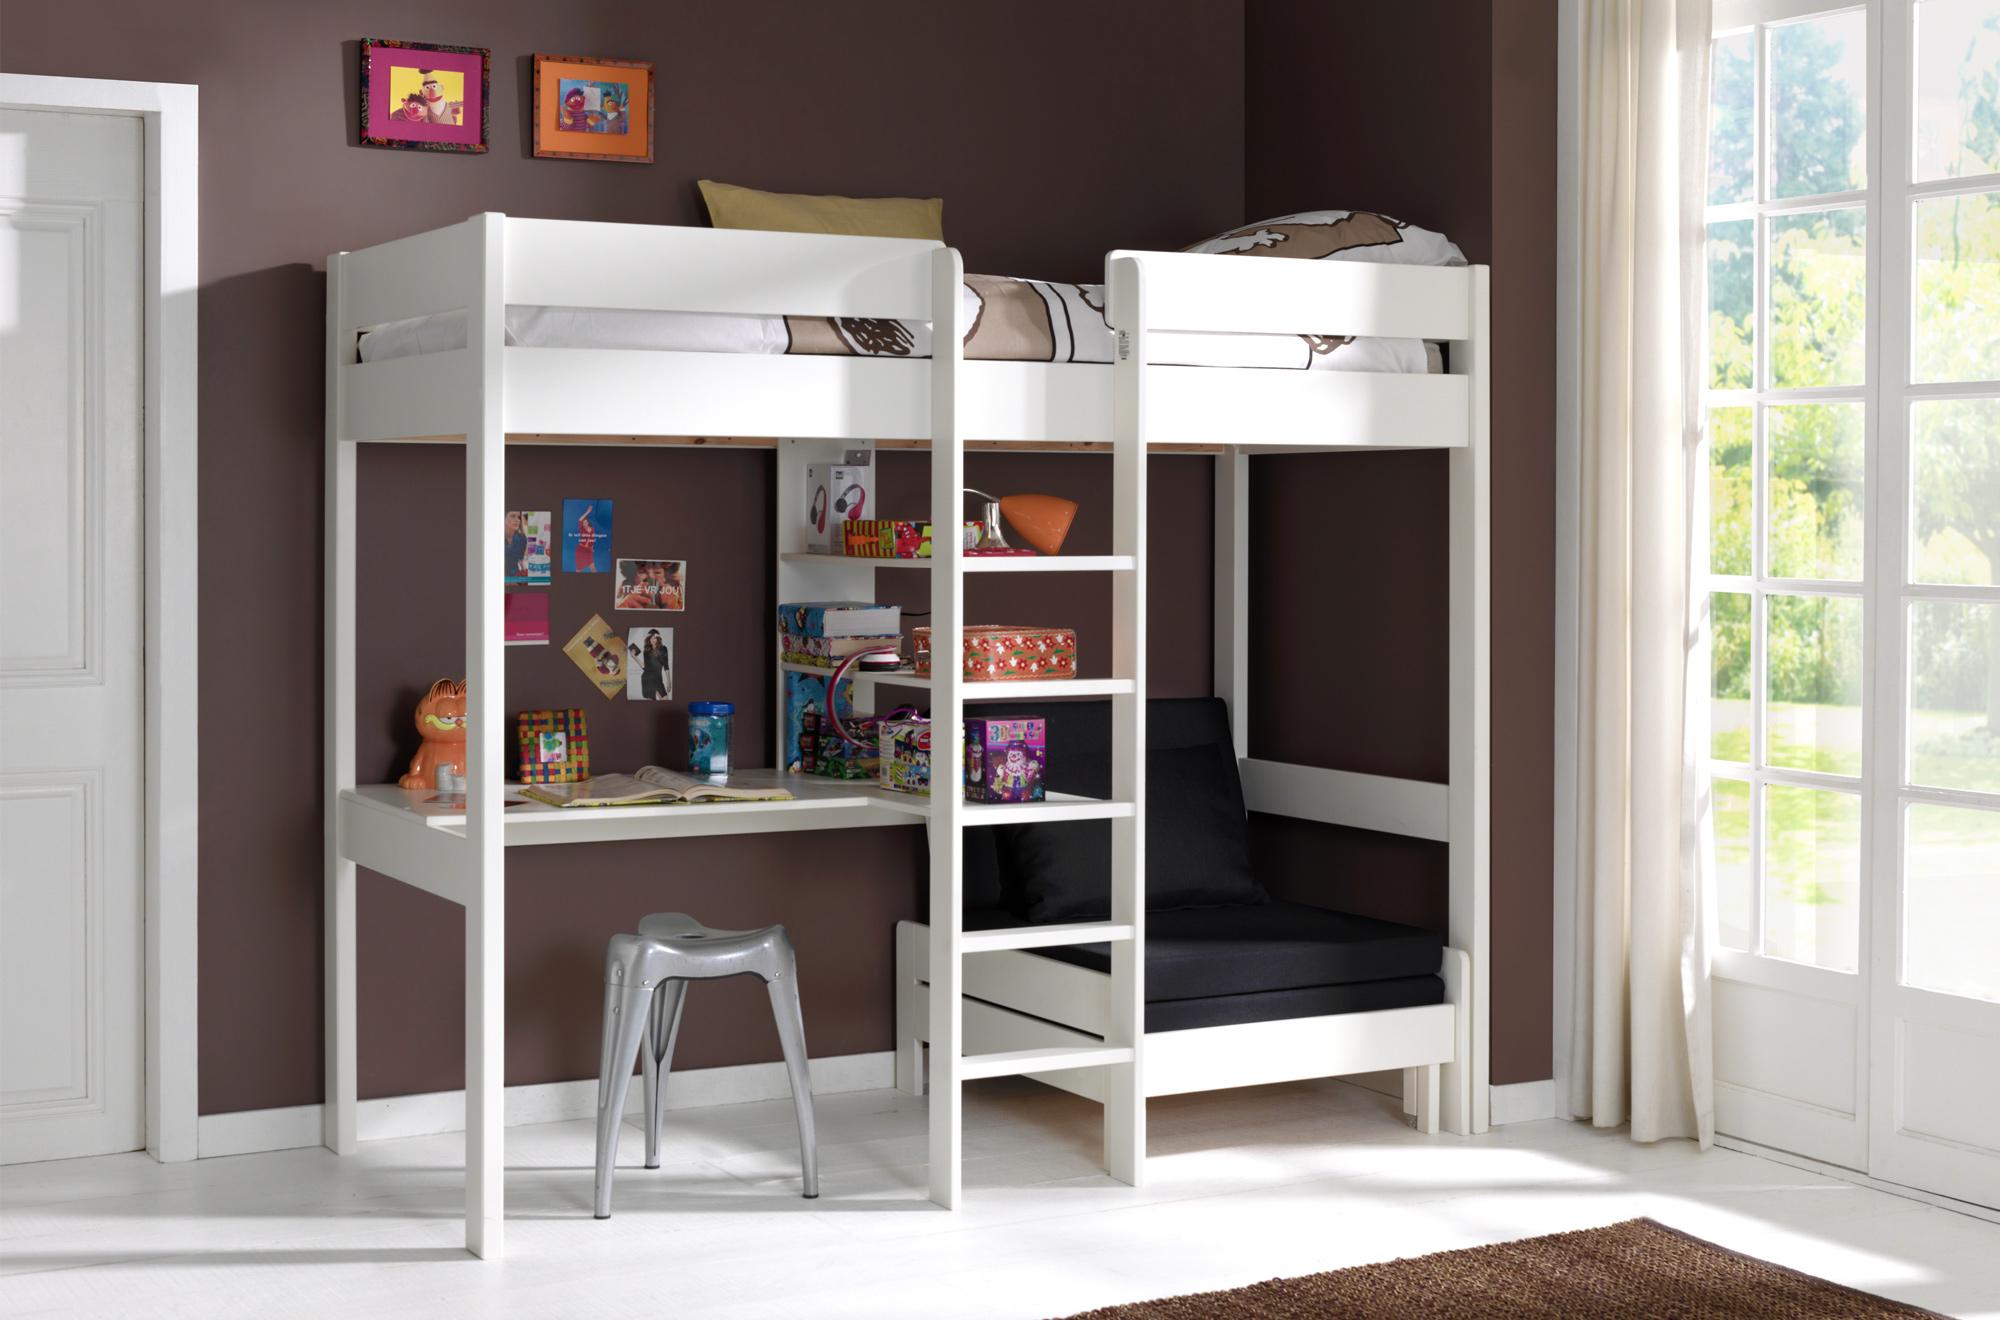 le lit mezzanine en bois a le vent en poupe depuis. Black Bedroom Furniture Sets. Home Design Ideas